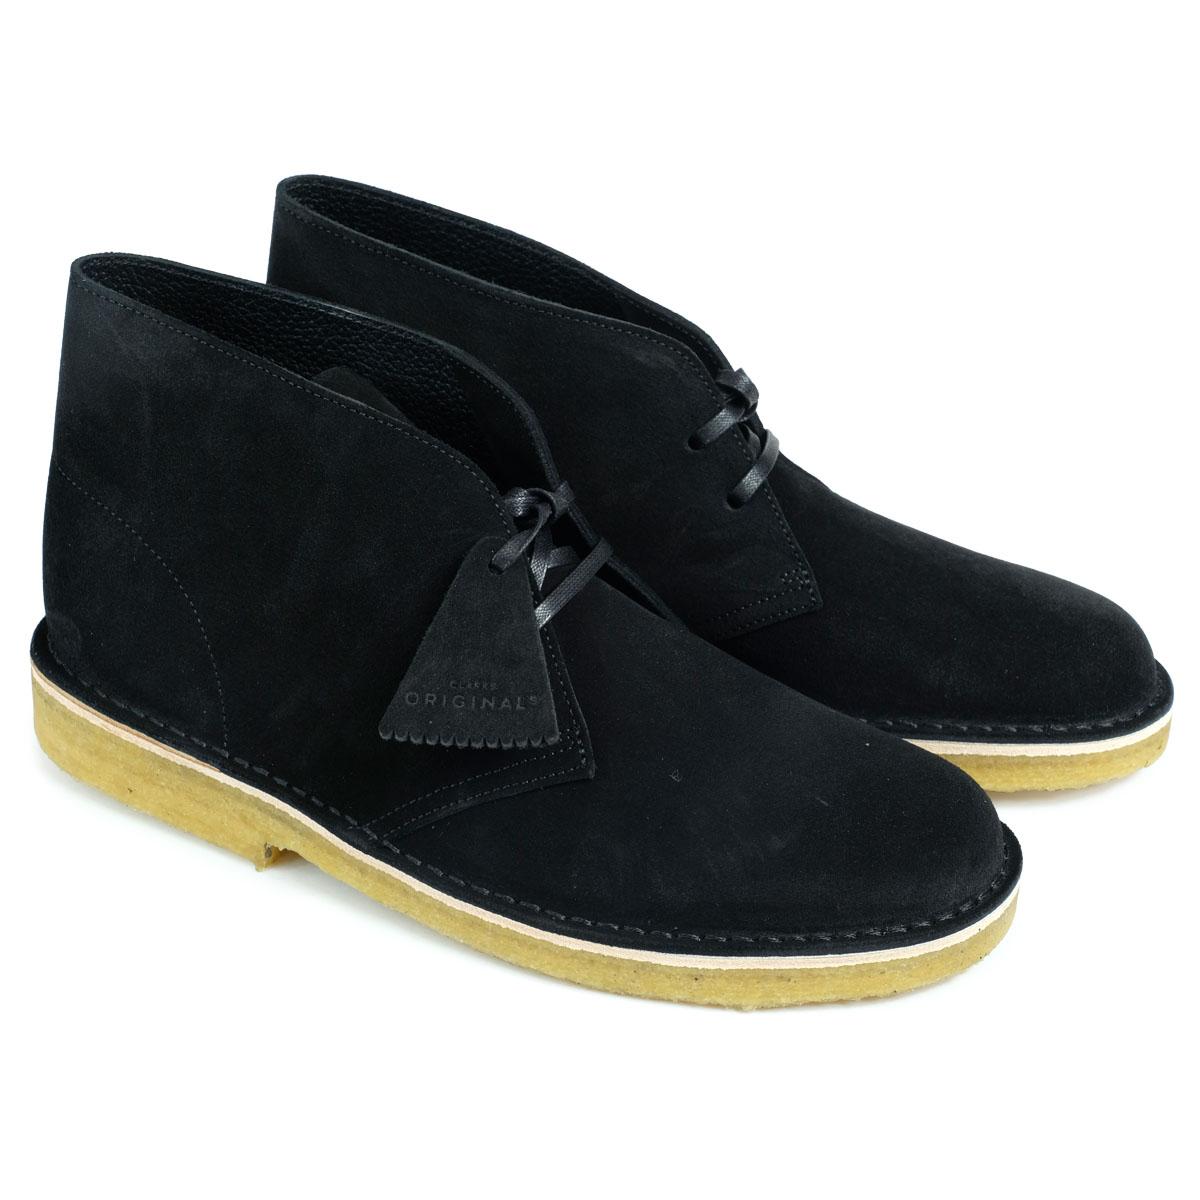 Clarks DESERT BOOT クラークス デザートブーツ メンズ 26128537 レザー 靴 ブラック